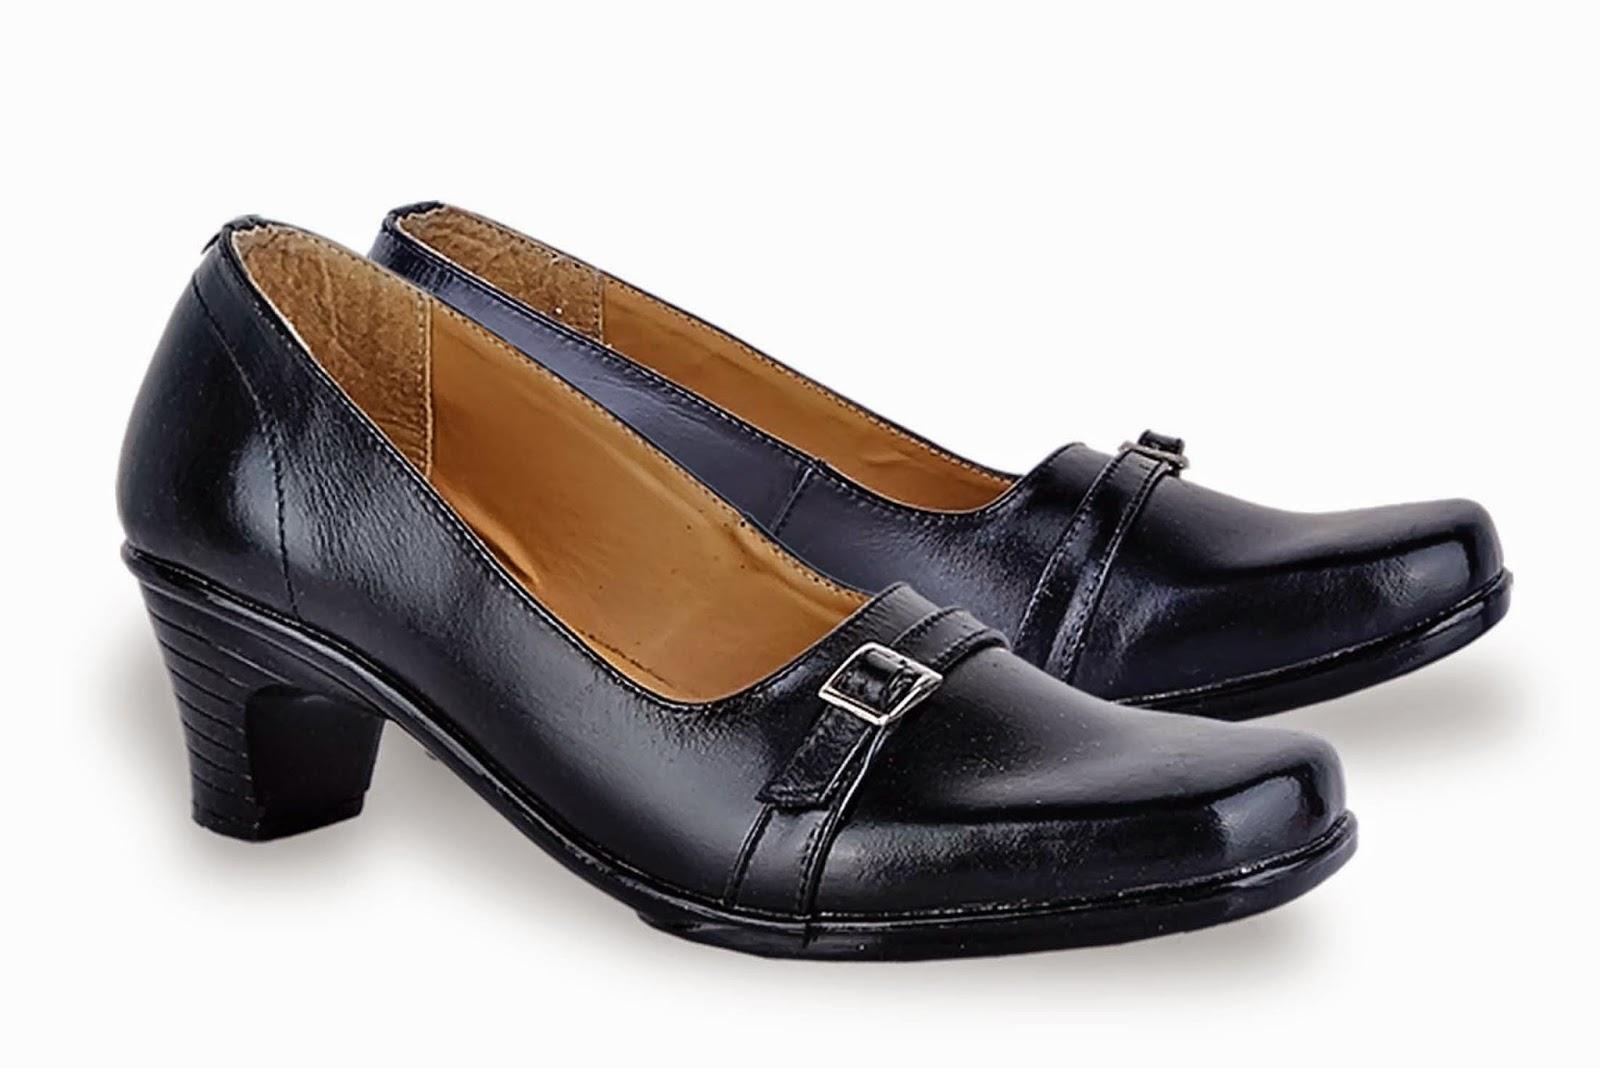 Jual Sepatu Kerja Wanita , Grosir Sepatu Kerja Wanita , Sepatu Kerja Wanita  Murah, Sepatu Kerja Wanita  Murah 2014